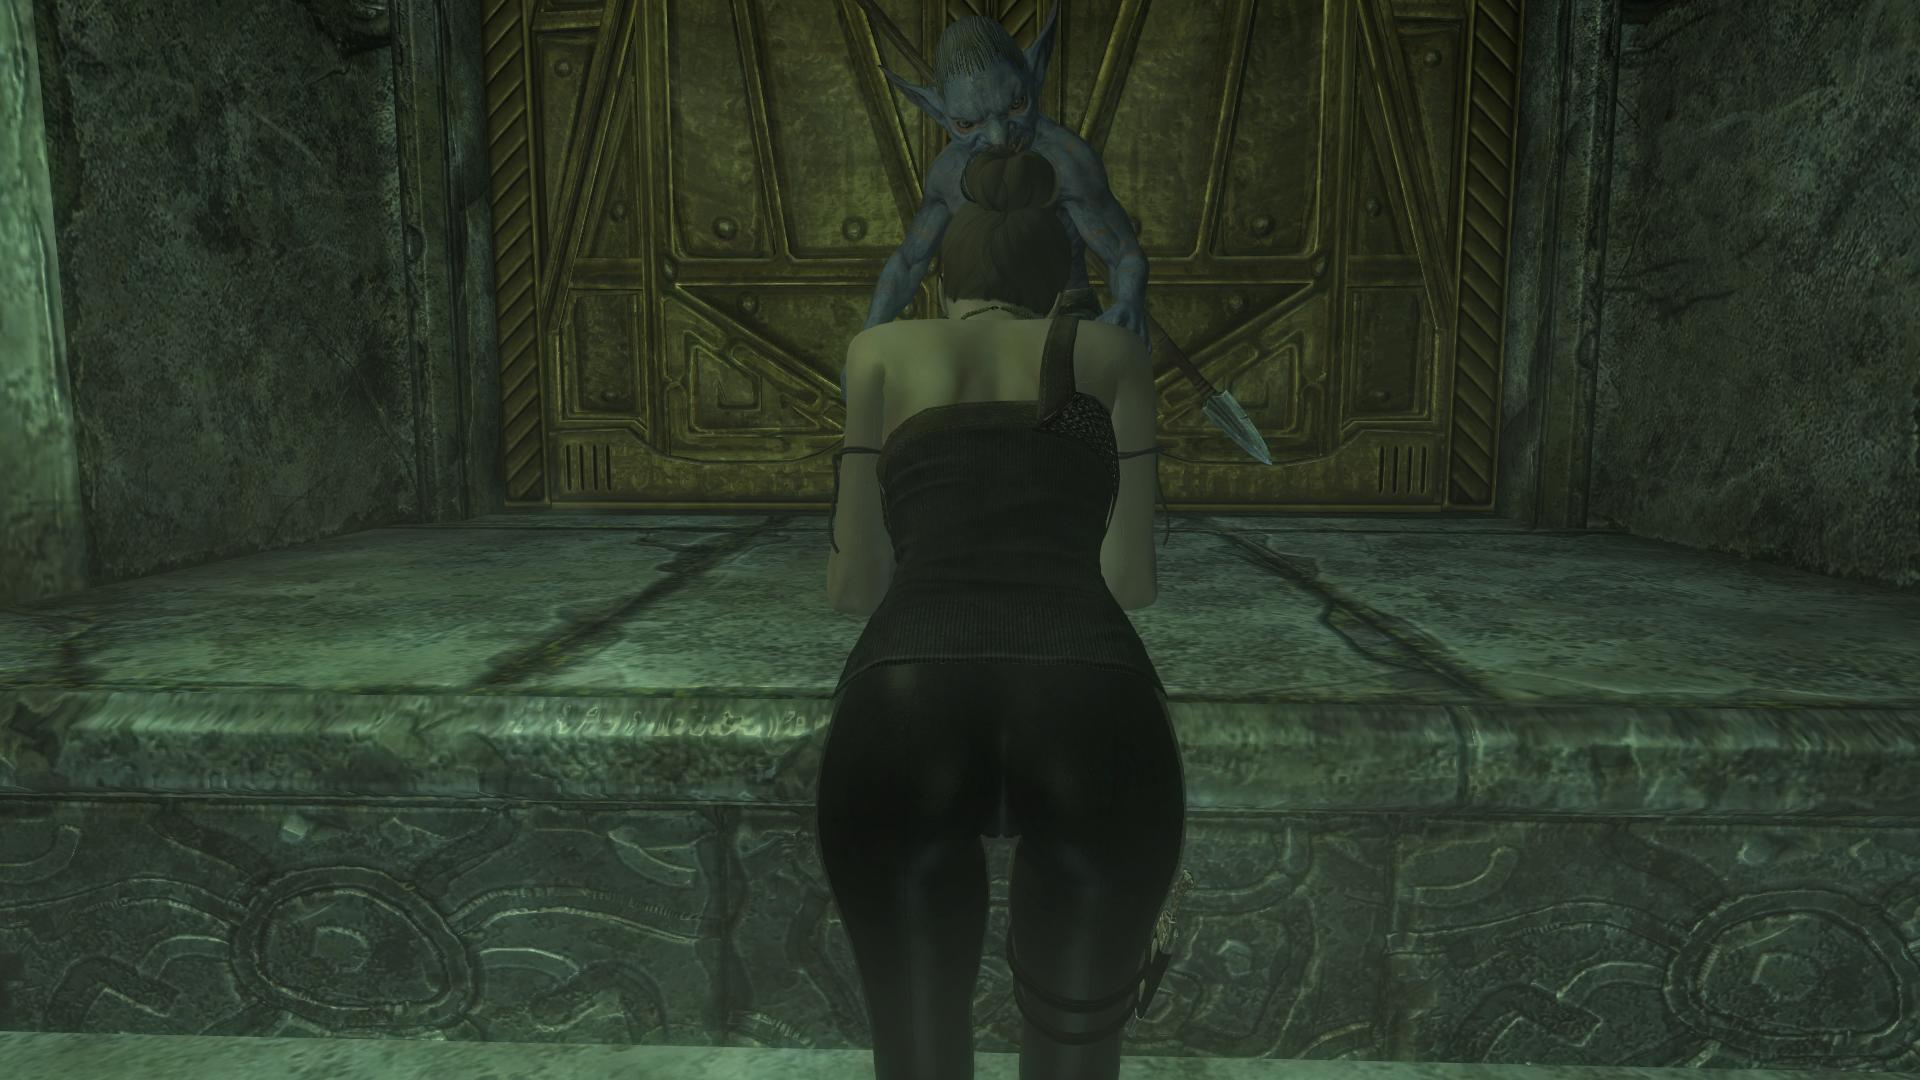 TESV_original 2018-06-22 17-18-06-45.jpg - Elder Scrolls 5: Skyrim, the